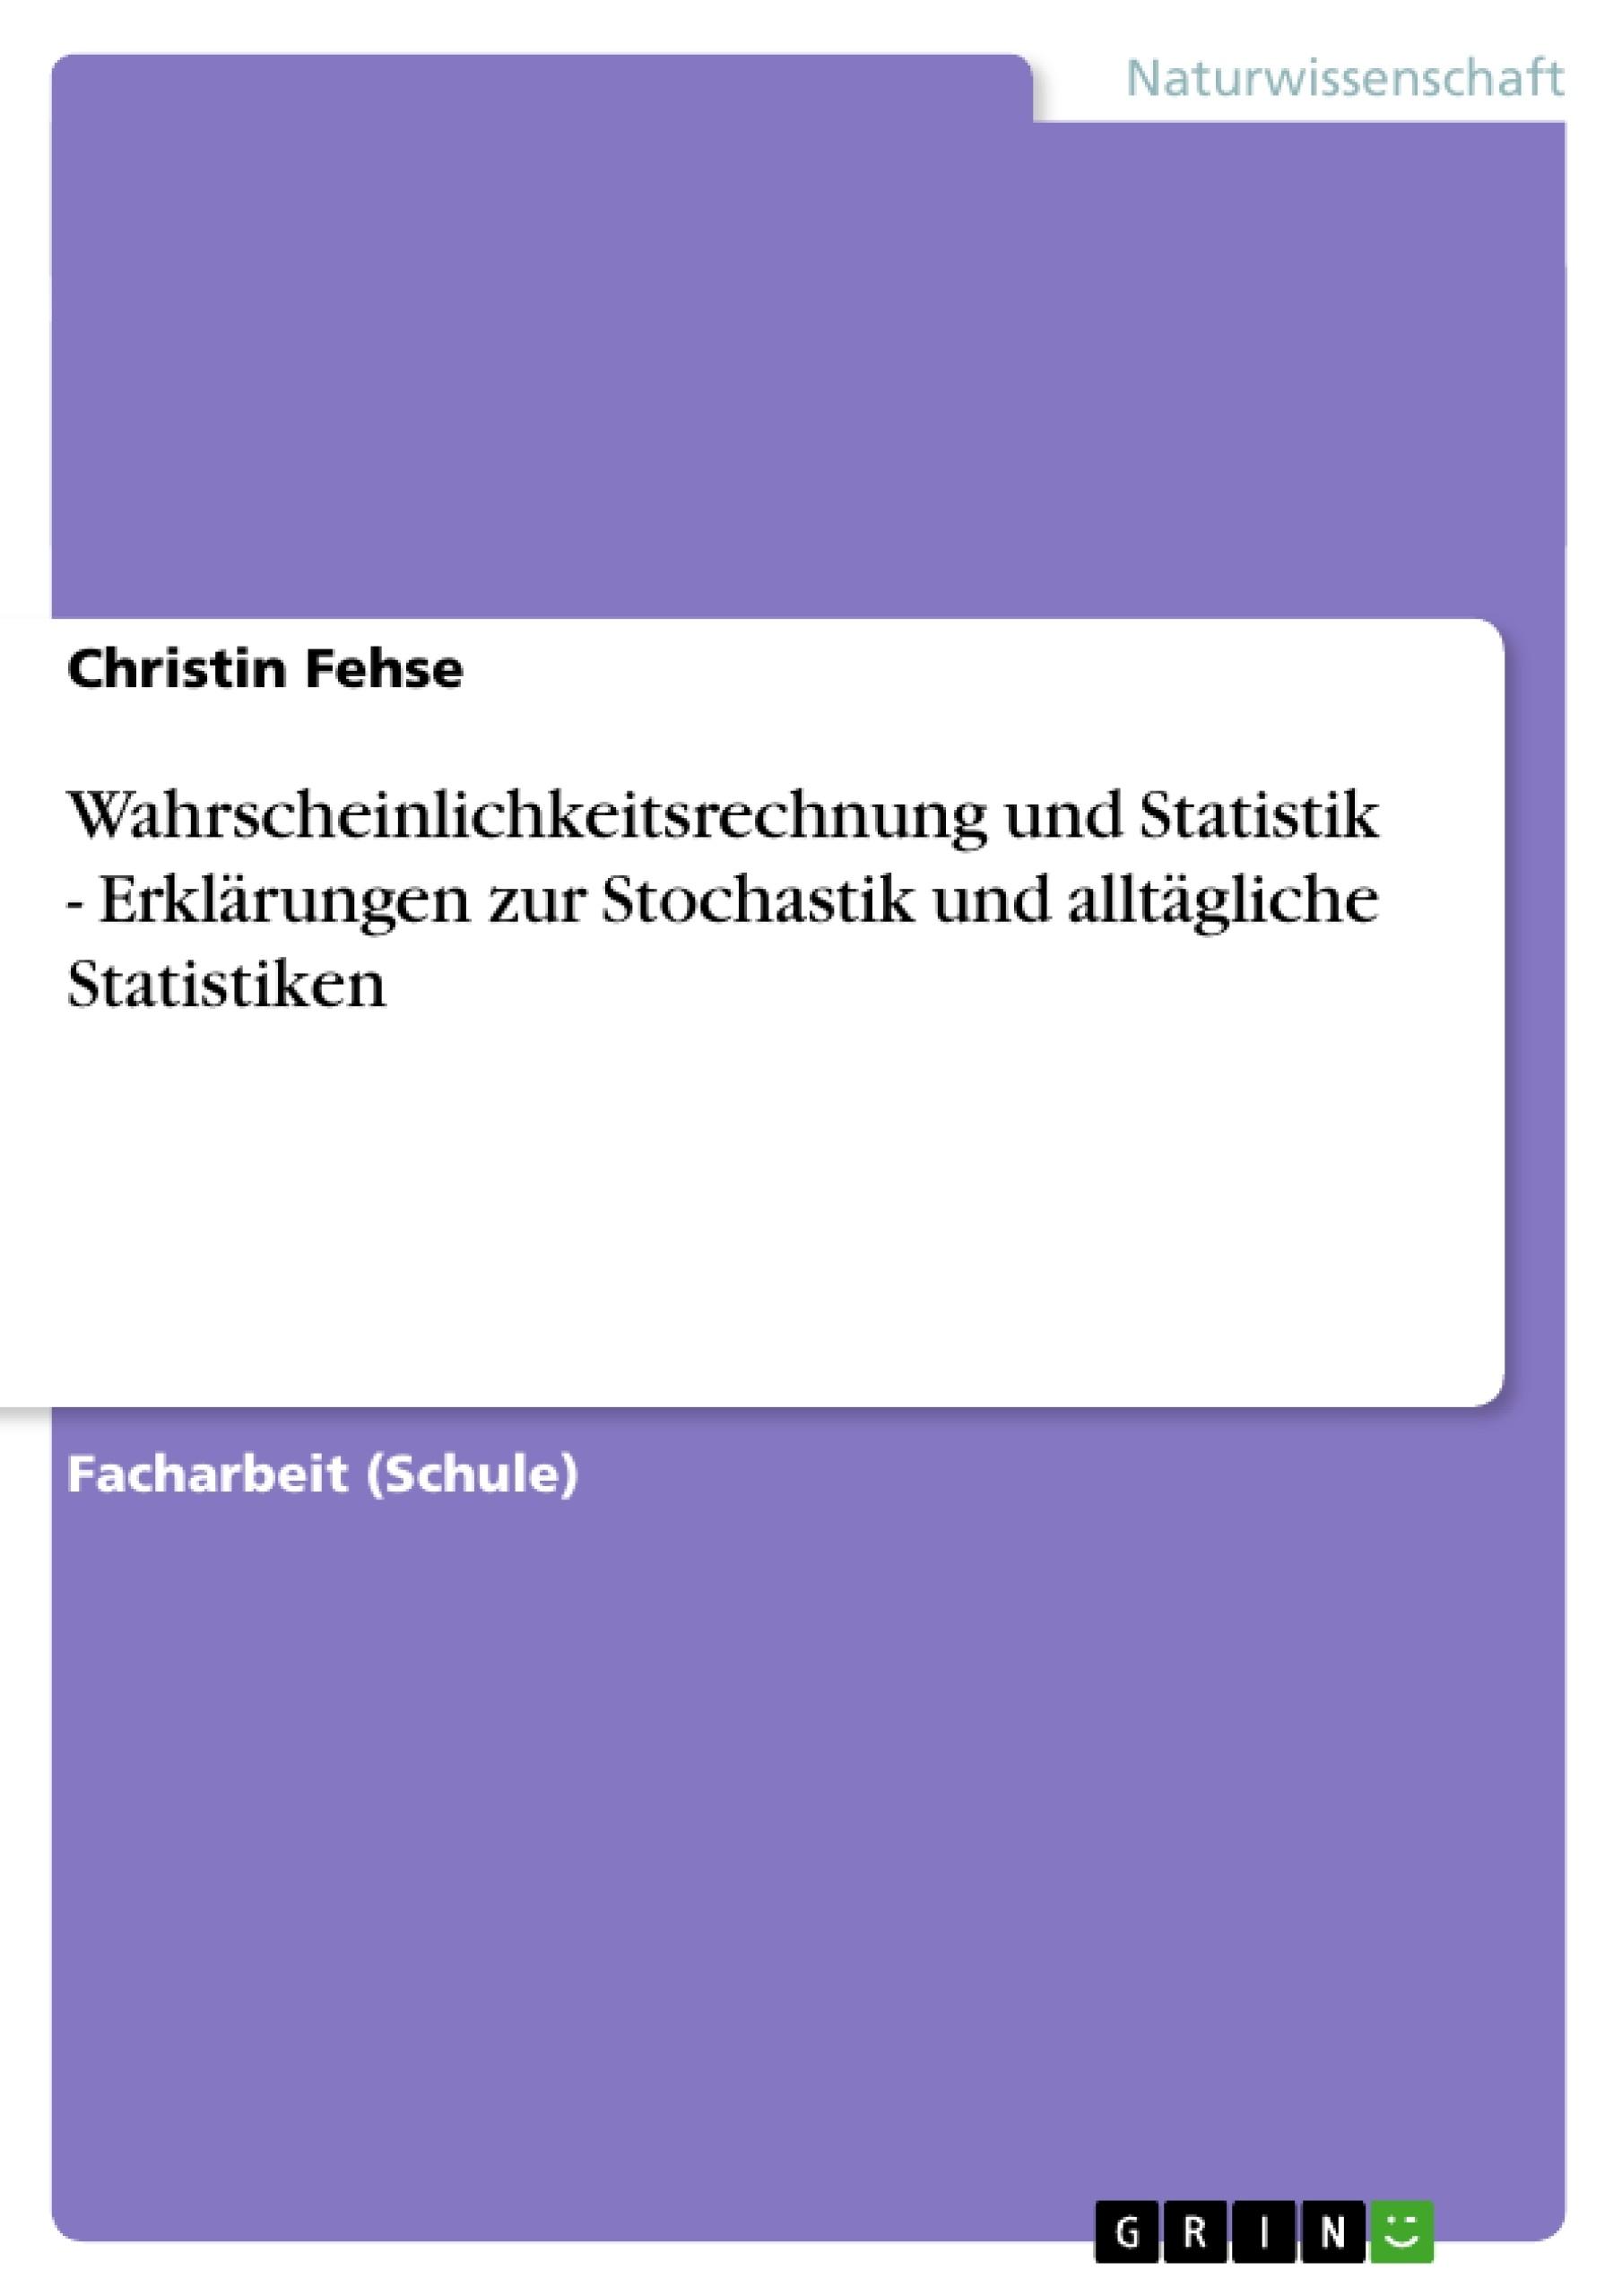 Titel: Wahrscheinlichkeitsrechnung und Statistik - Erklärungen zur Stochastik und alltägliche Statistiken